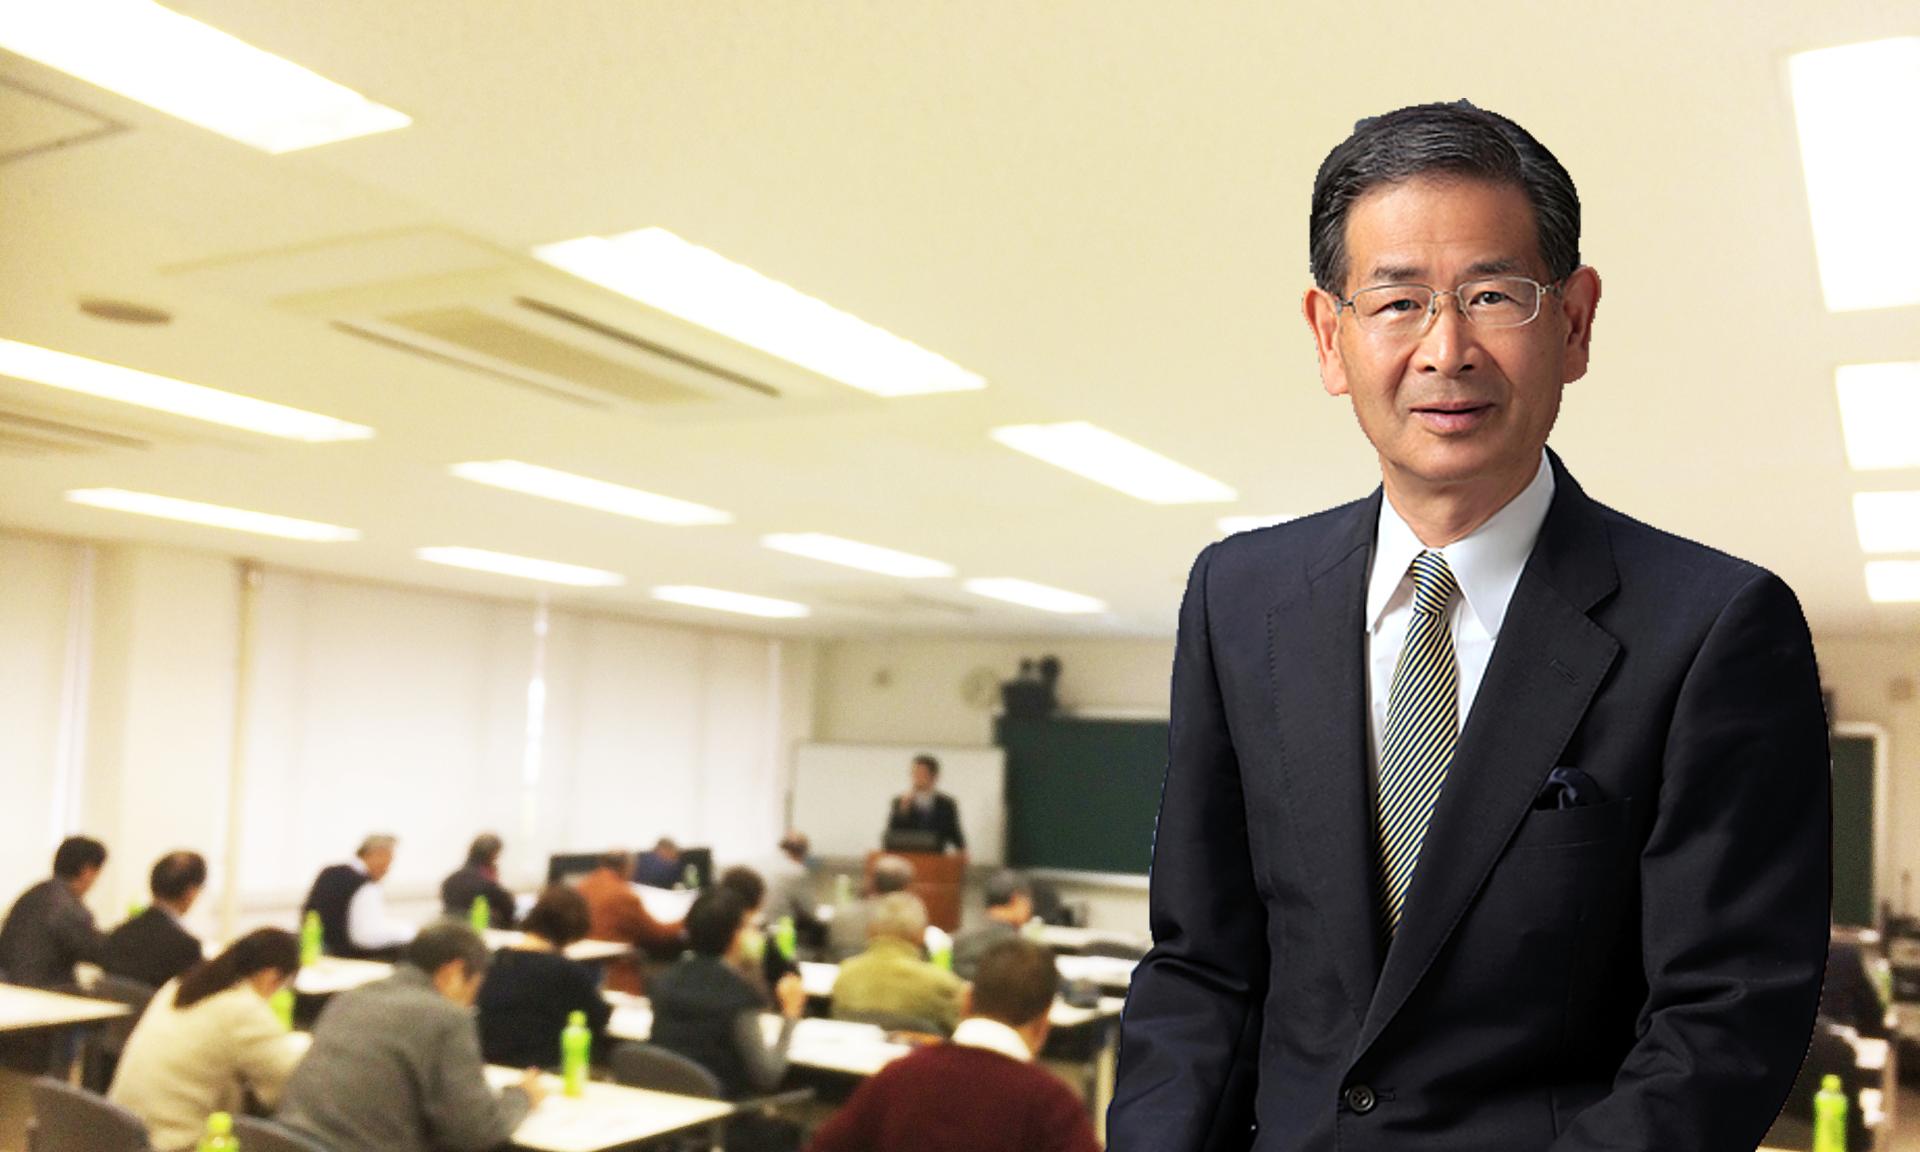 【起業事例】59歳で退職。マナー講師、生きがいづくりの講演を中心に活動